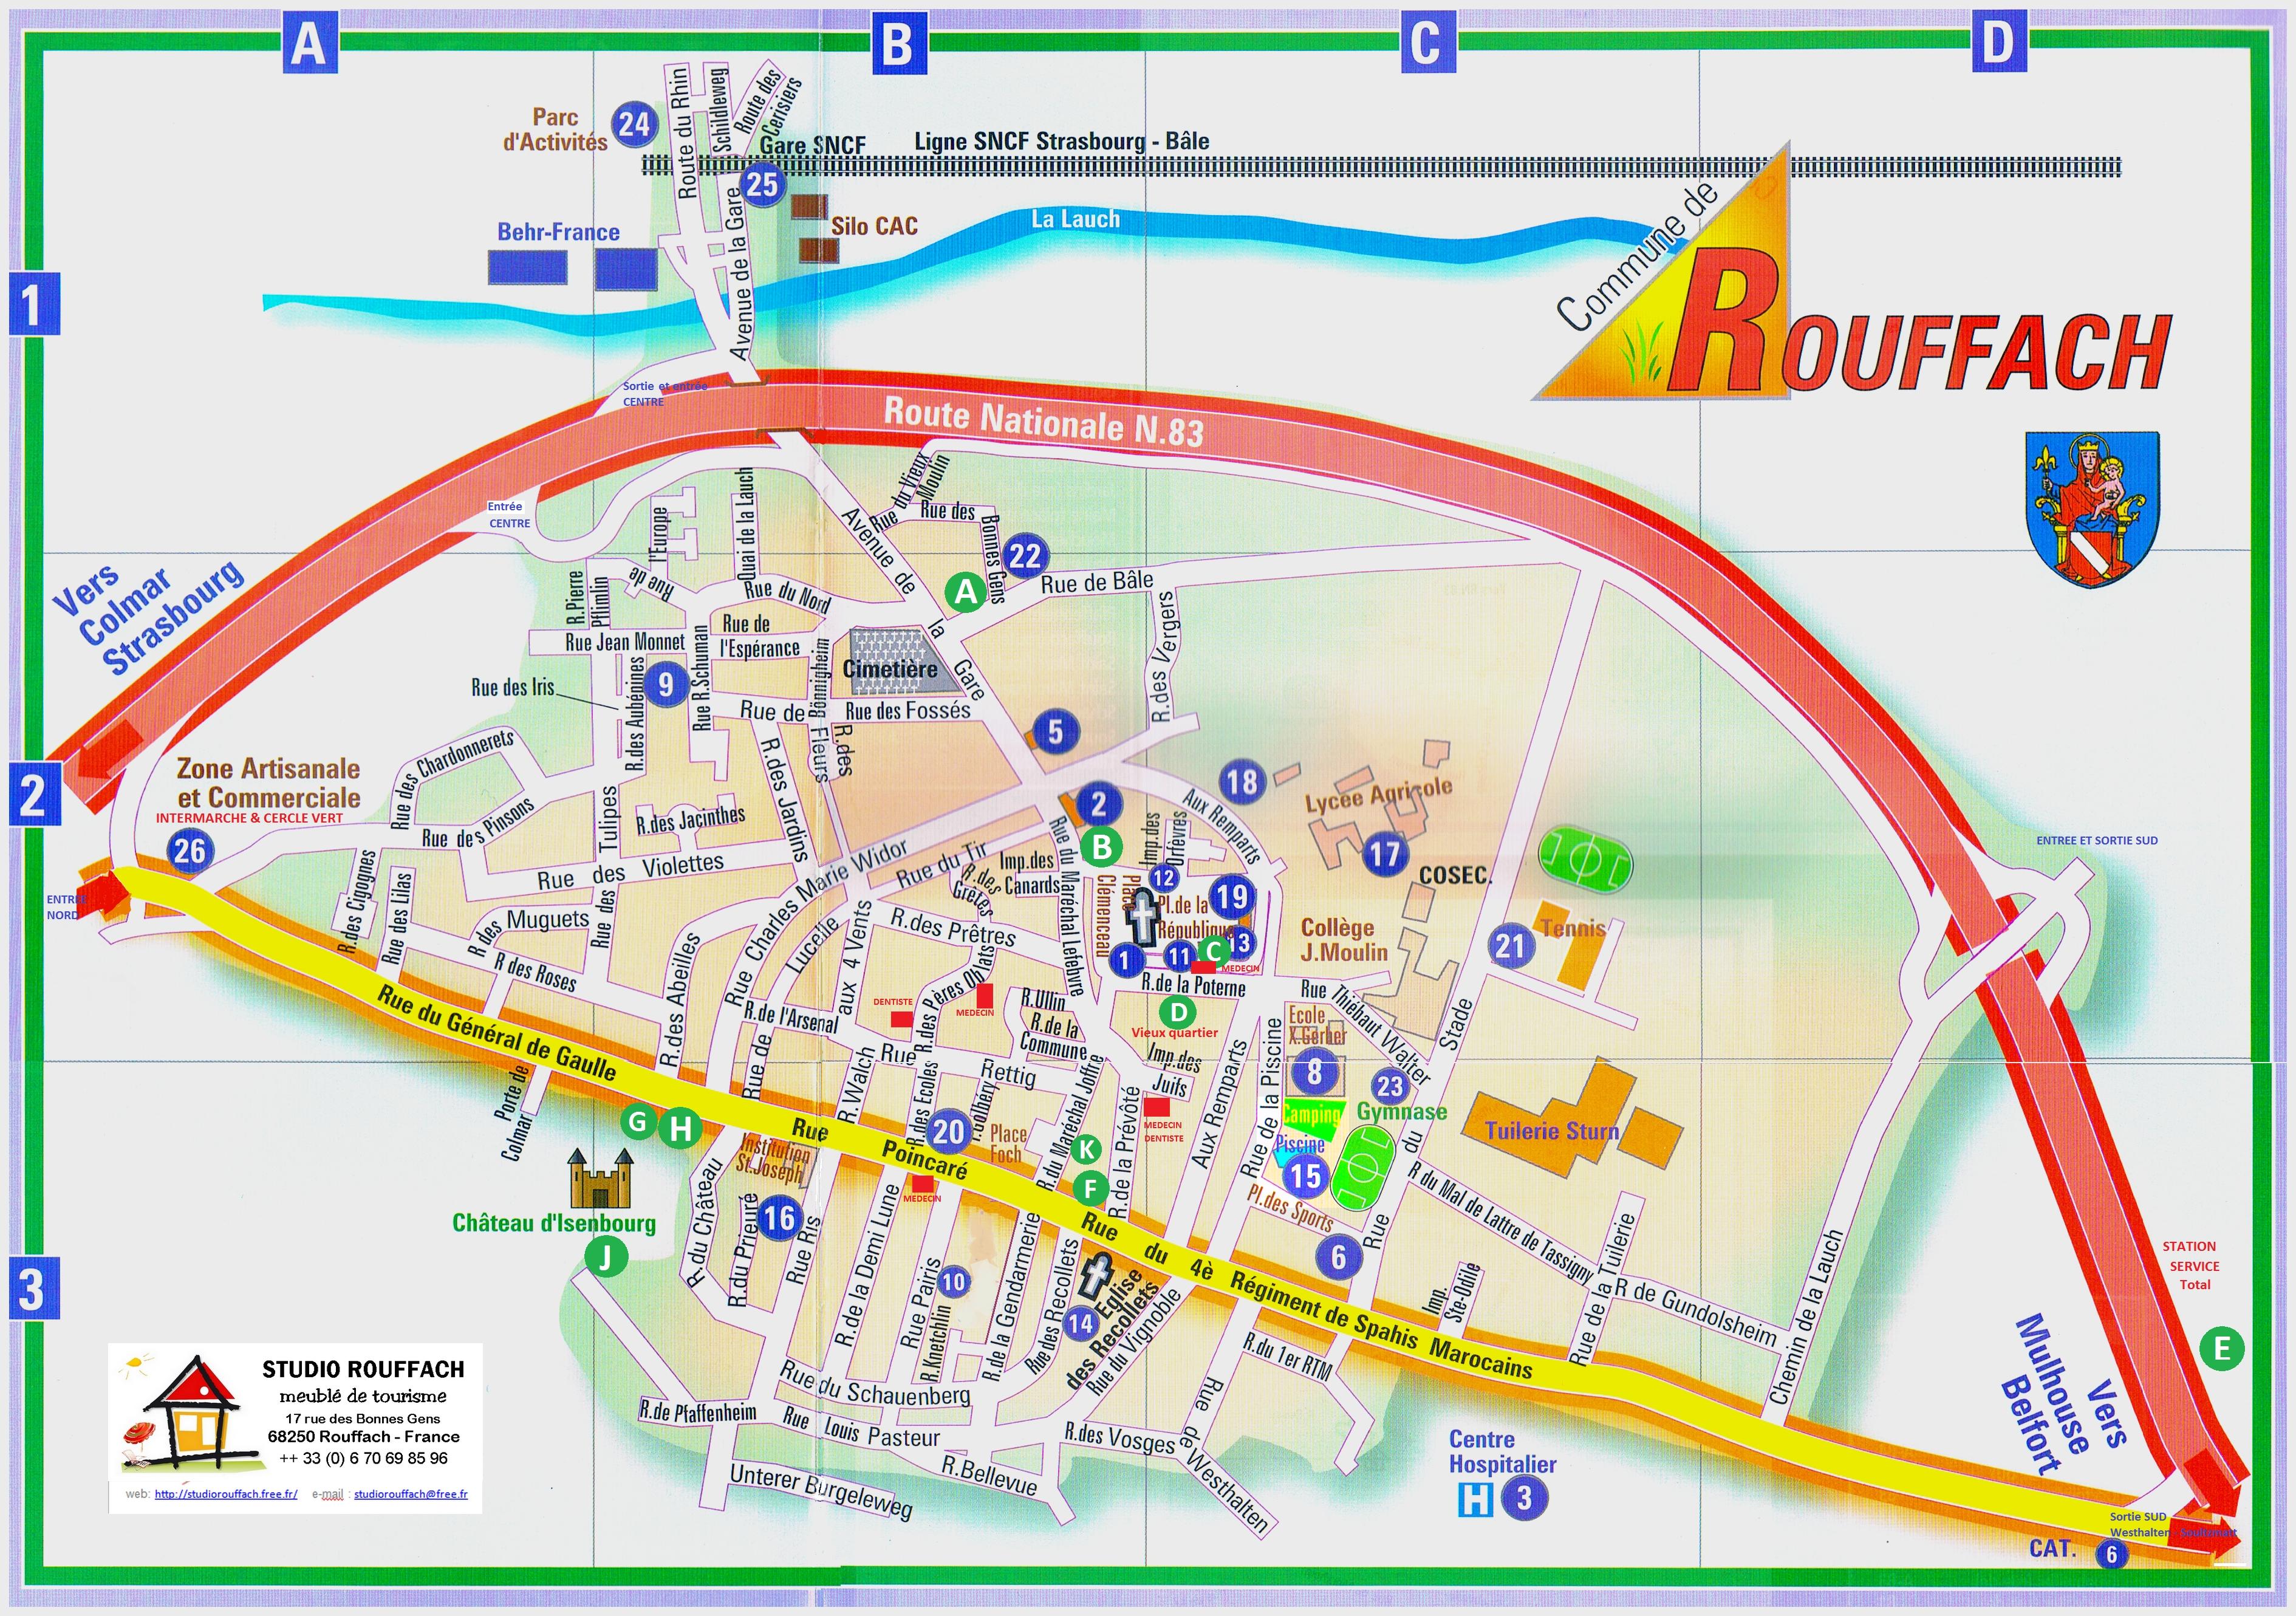 Карта Rouffach (Руффаш) с отмеченными достопримечательностями